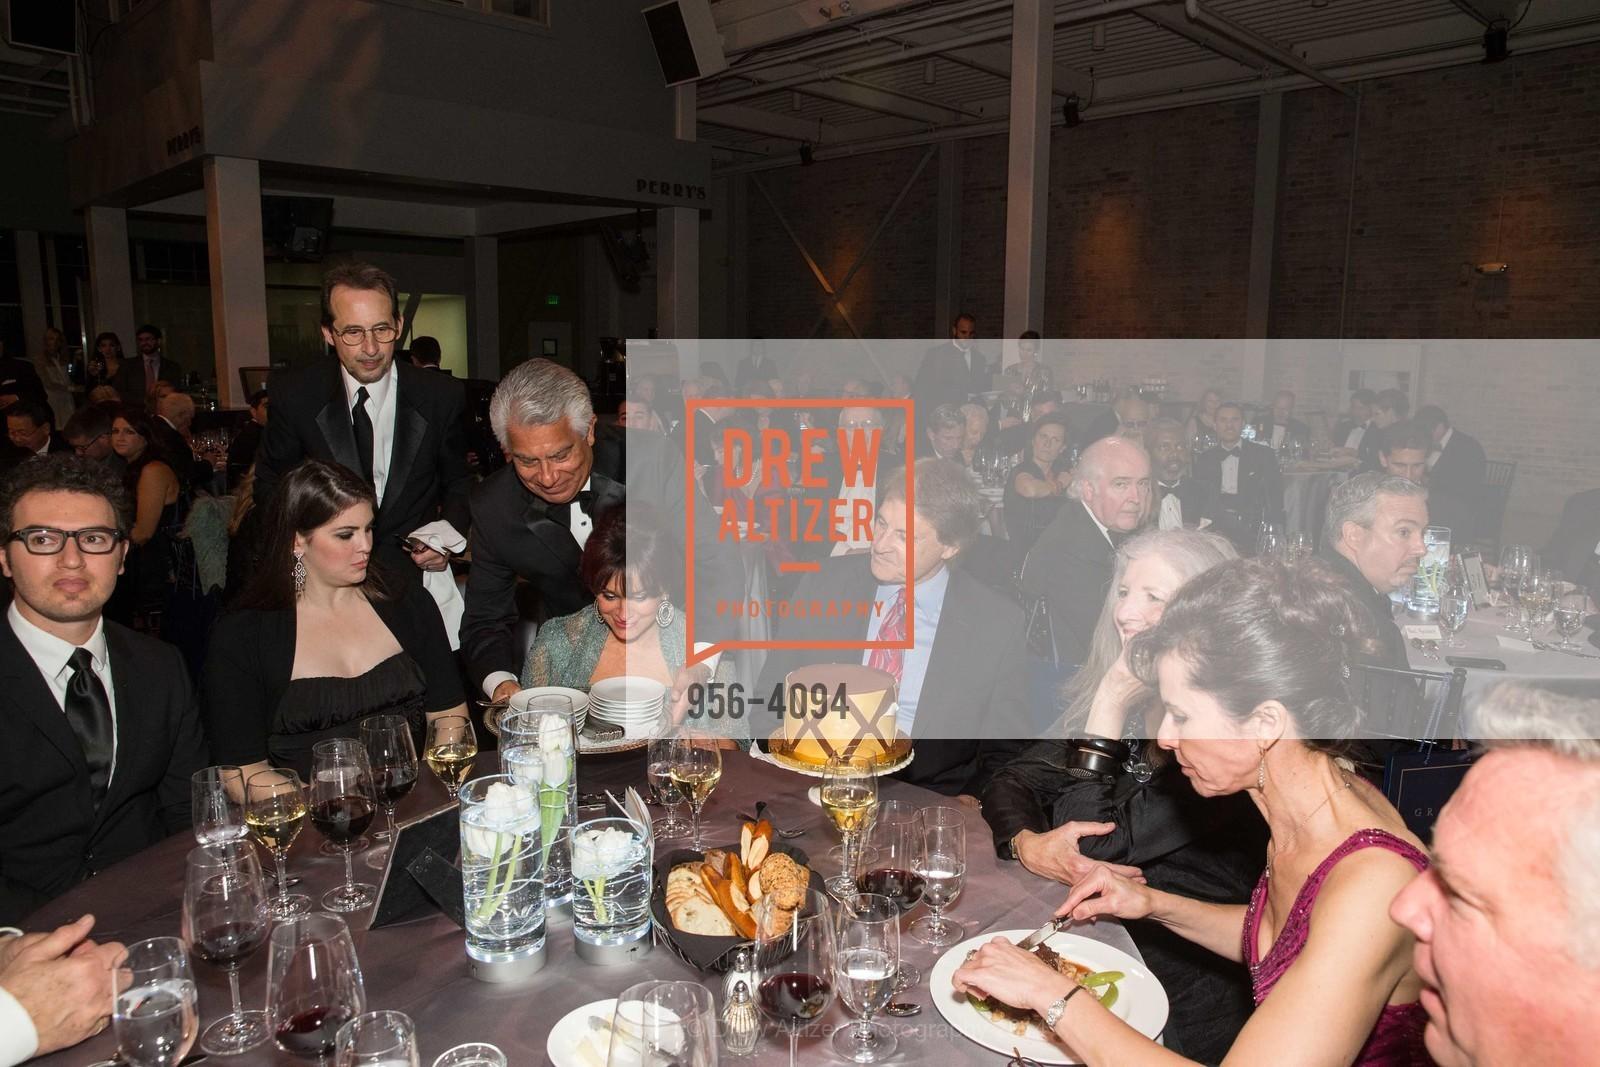 Ryan Torres, Devon La Russa, Elaine La Russa, Tony La Russa, Leah Garchik, Photo #956-4094